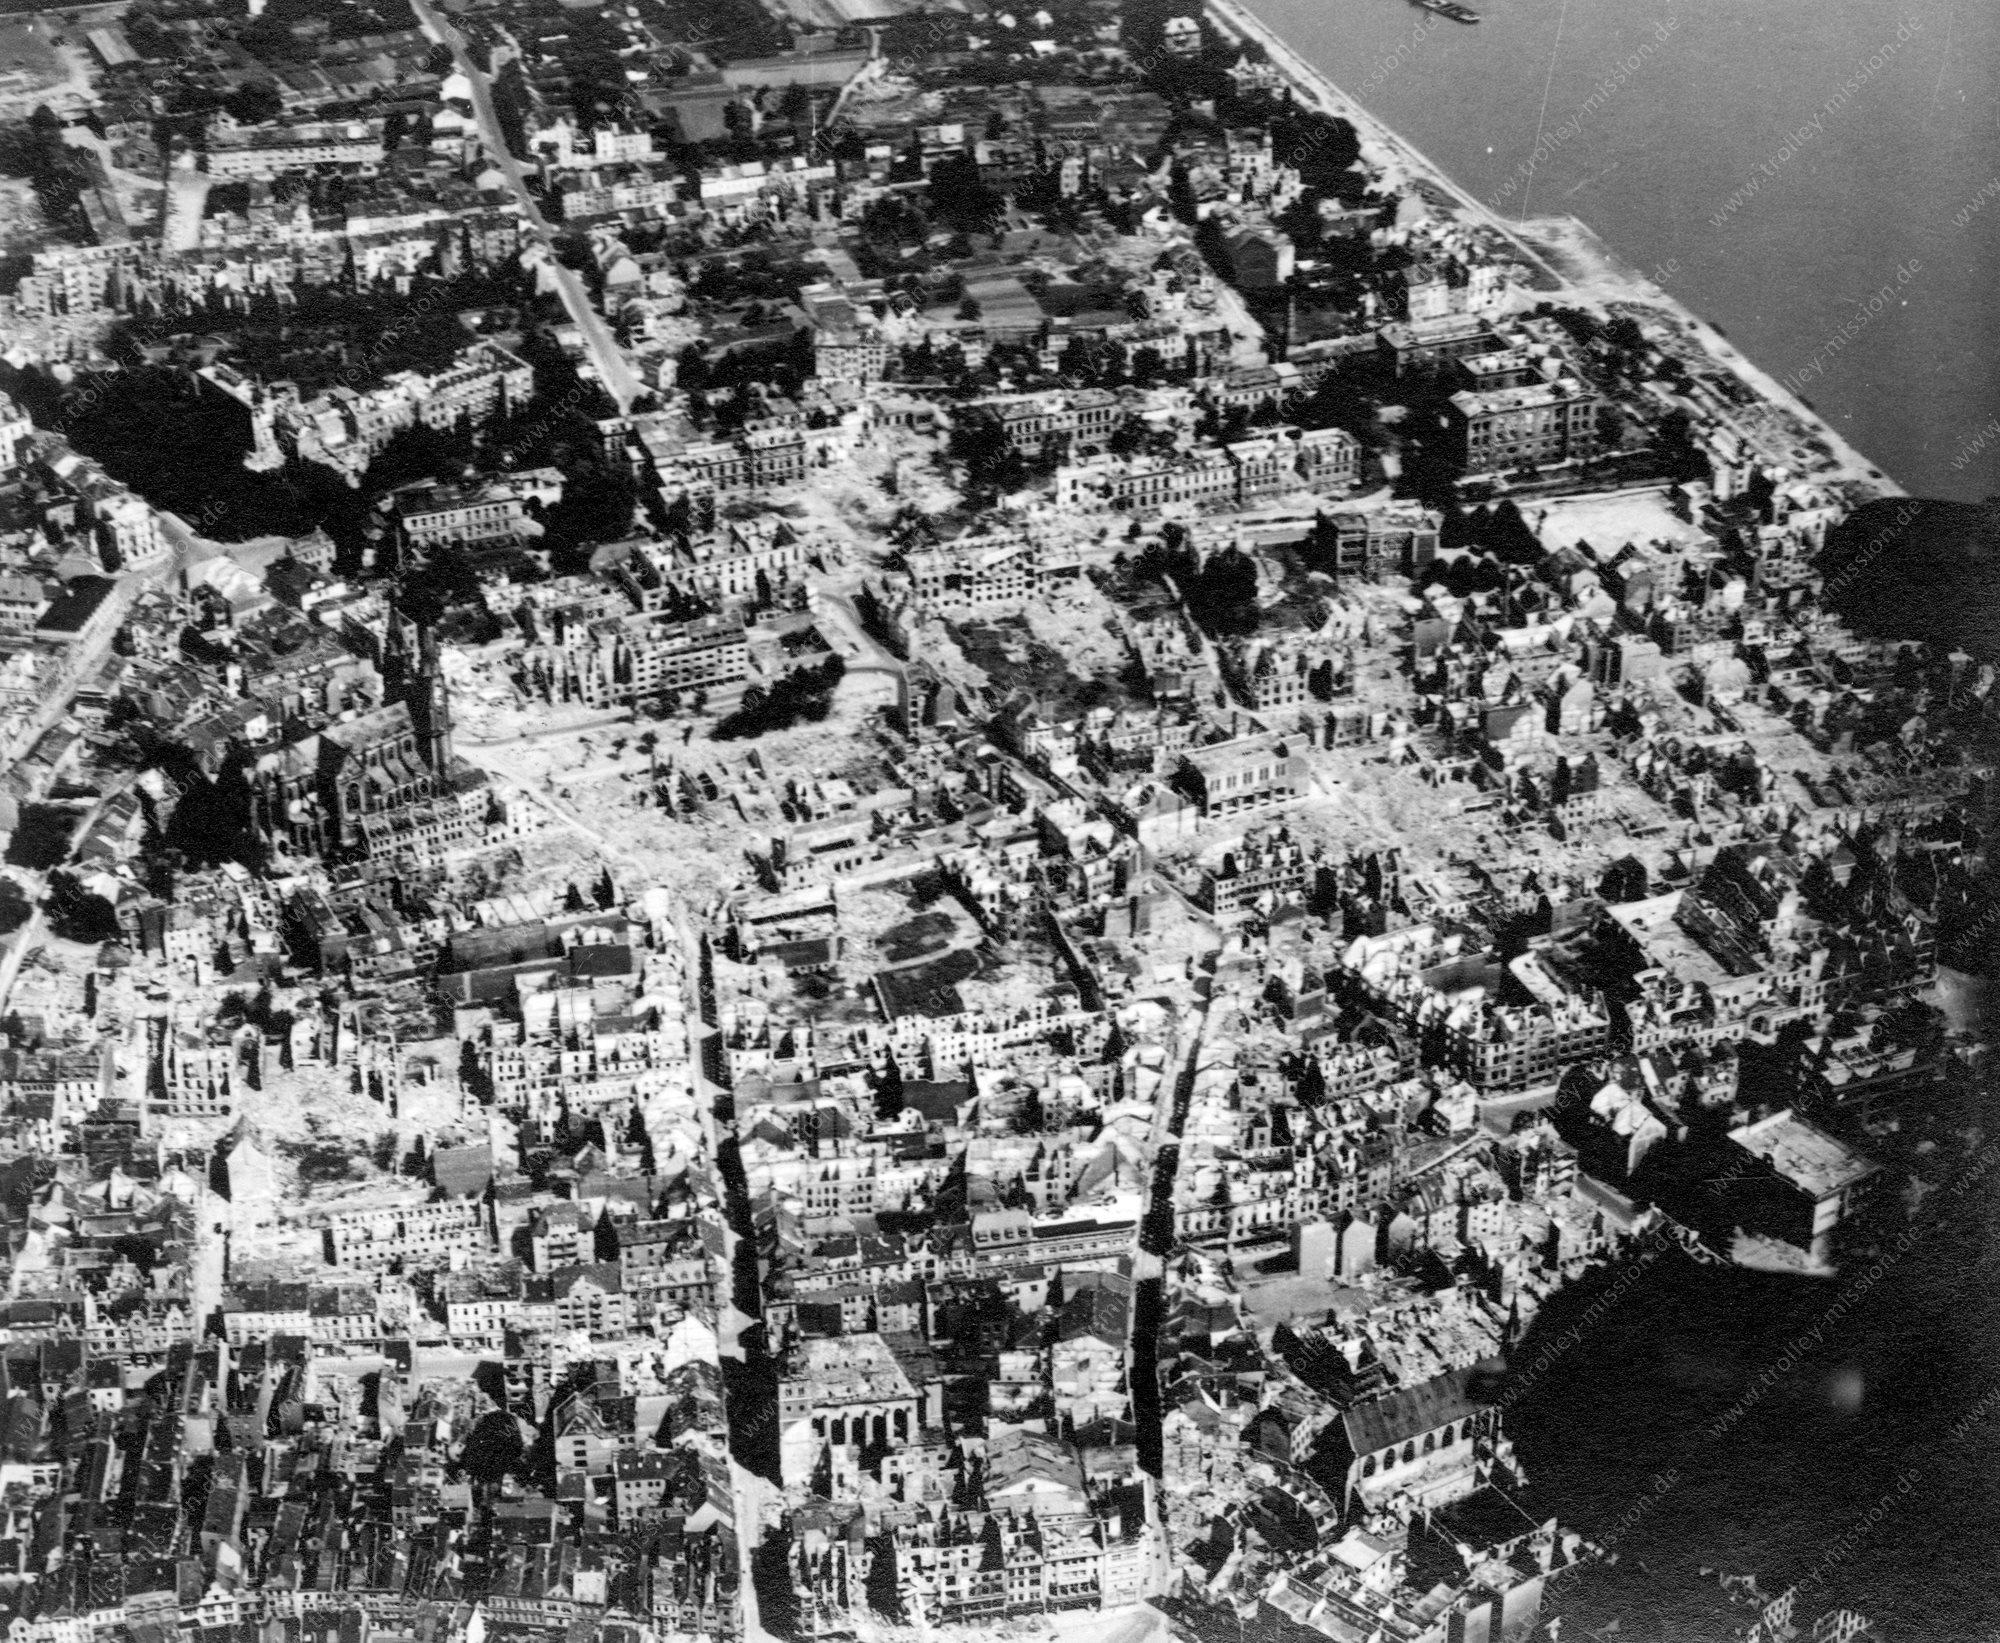 Bonn Luftbild aus dem Zweiten Weltkrieg mit Stiftskirche Sankt Johannes Baptist und Petrus und Rheinufer